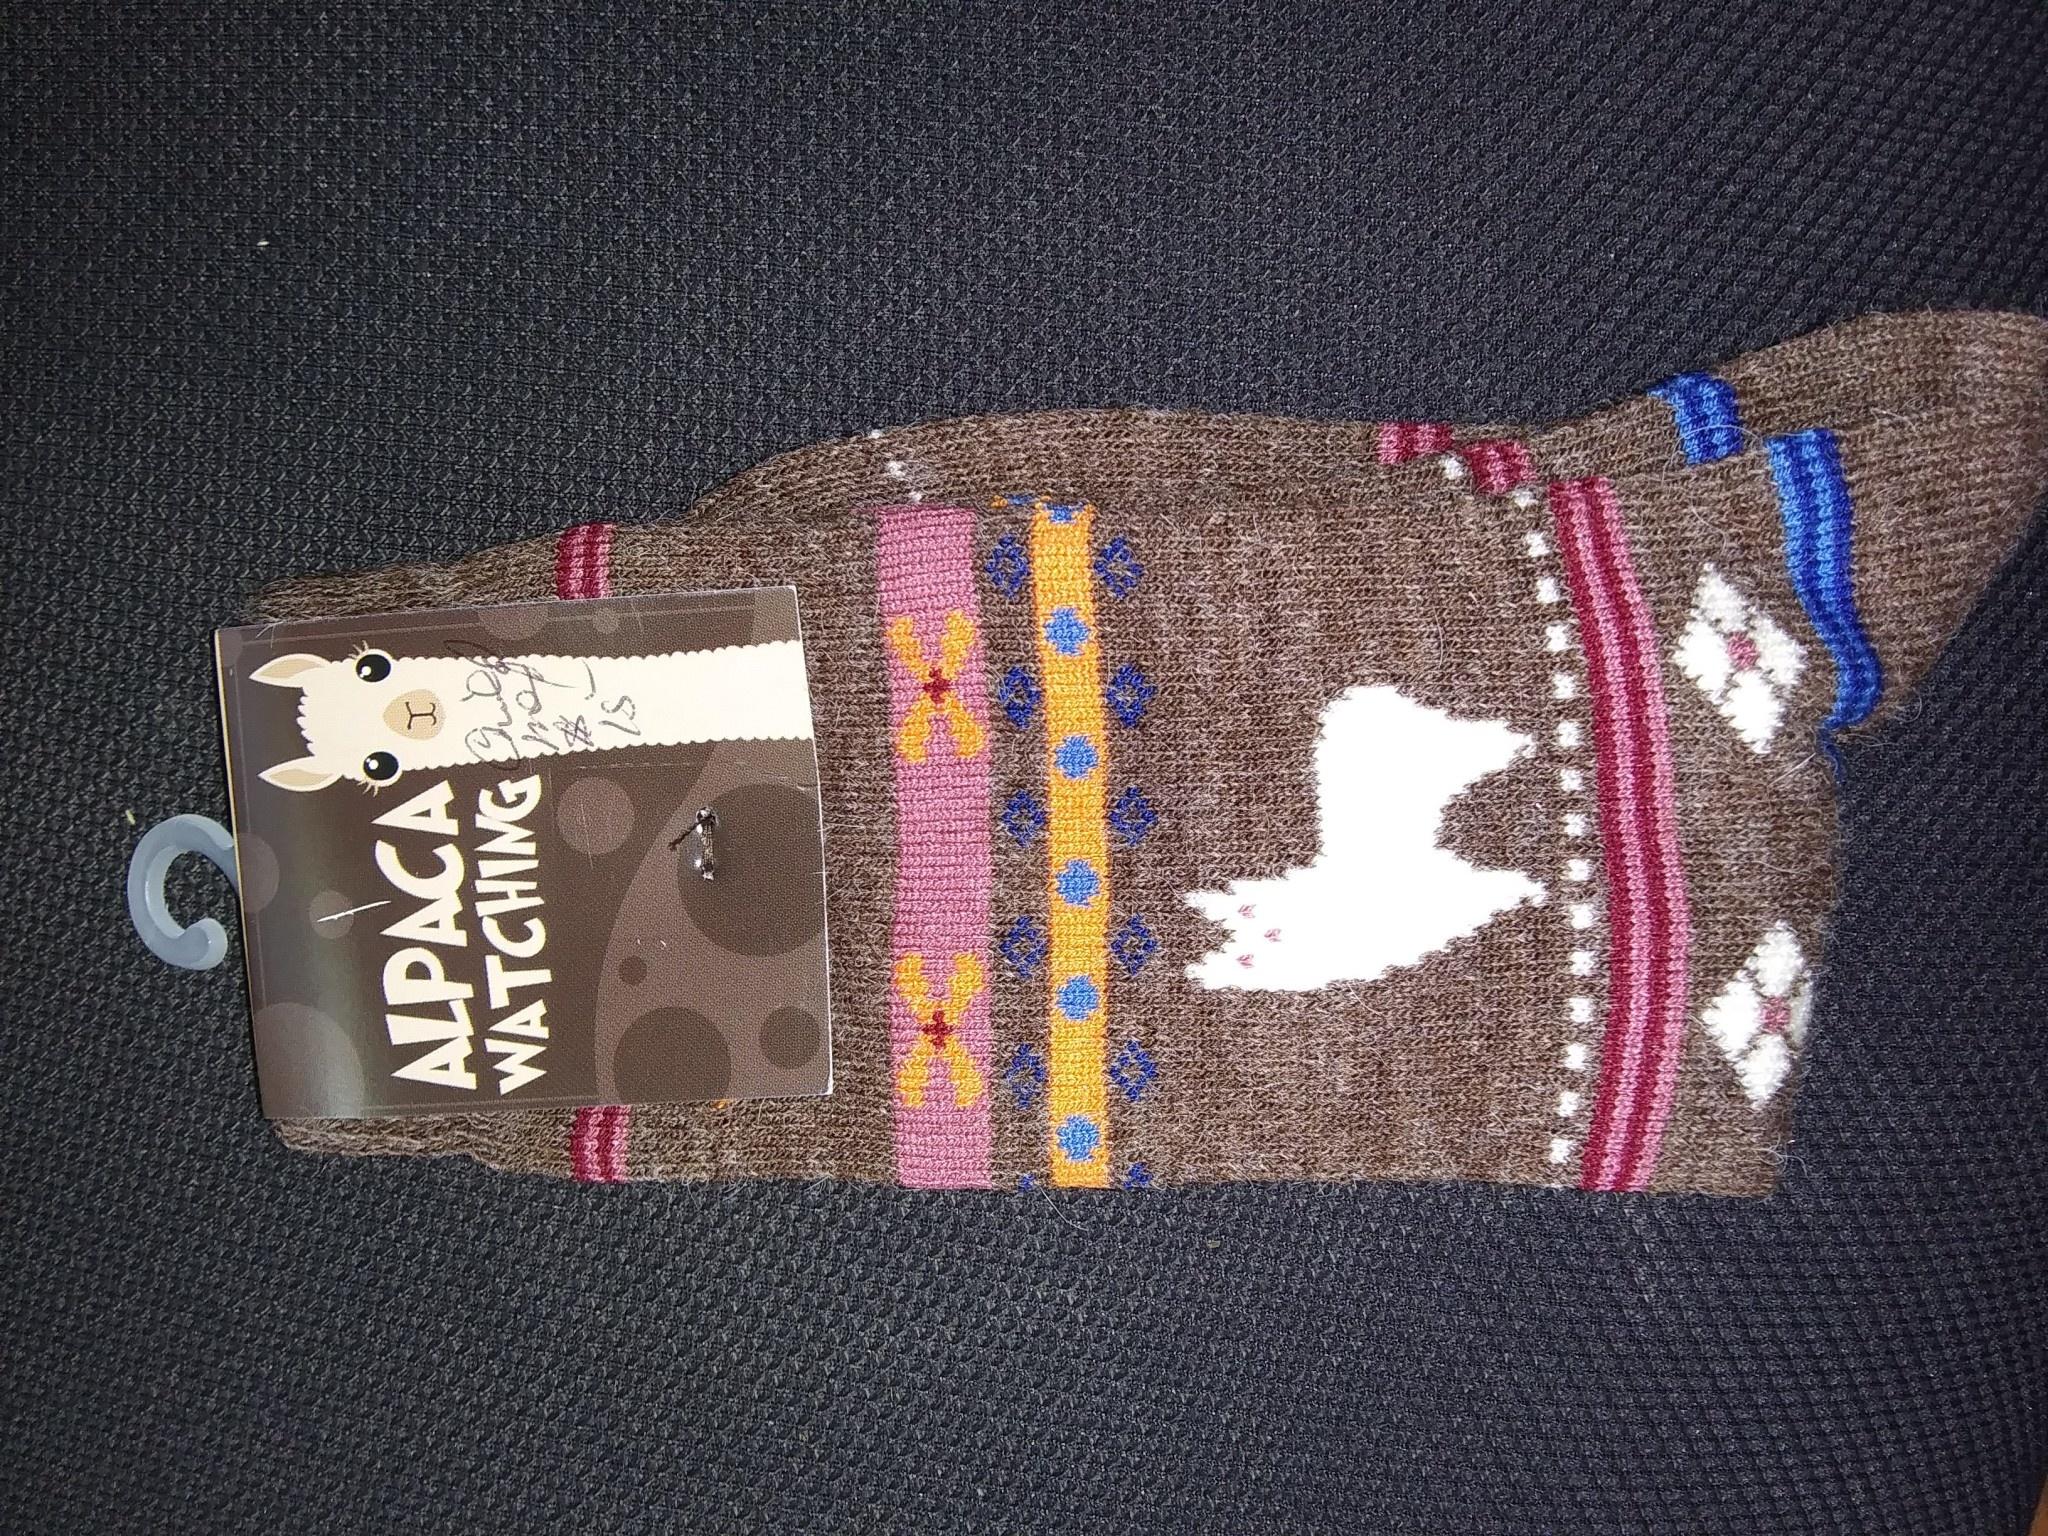 Choice Alpacas Alpaca Watching Socks, Adult Brown Lg